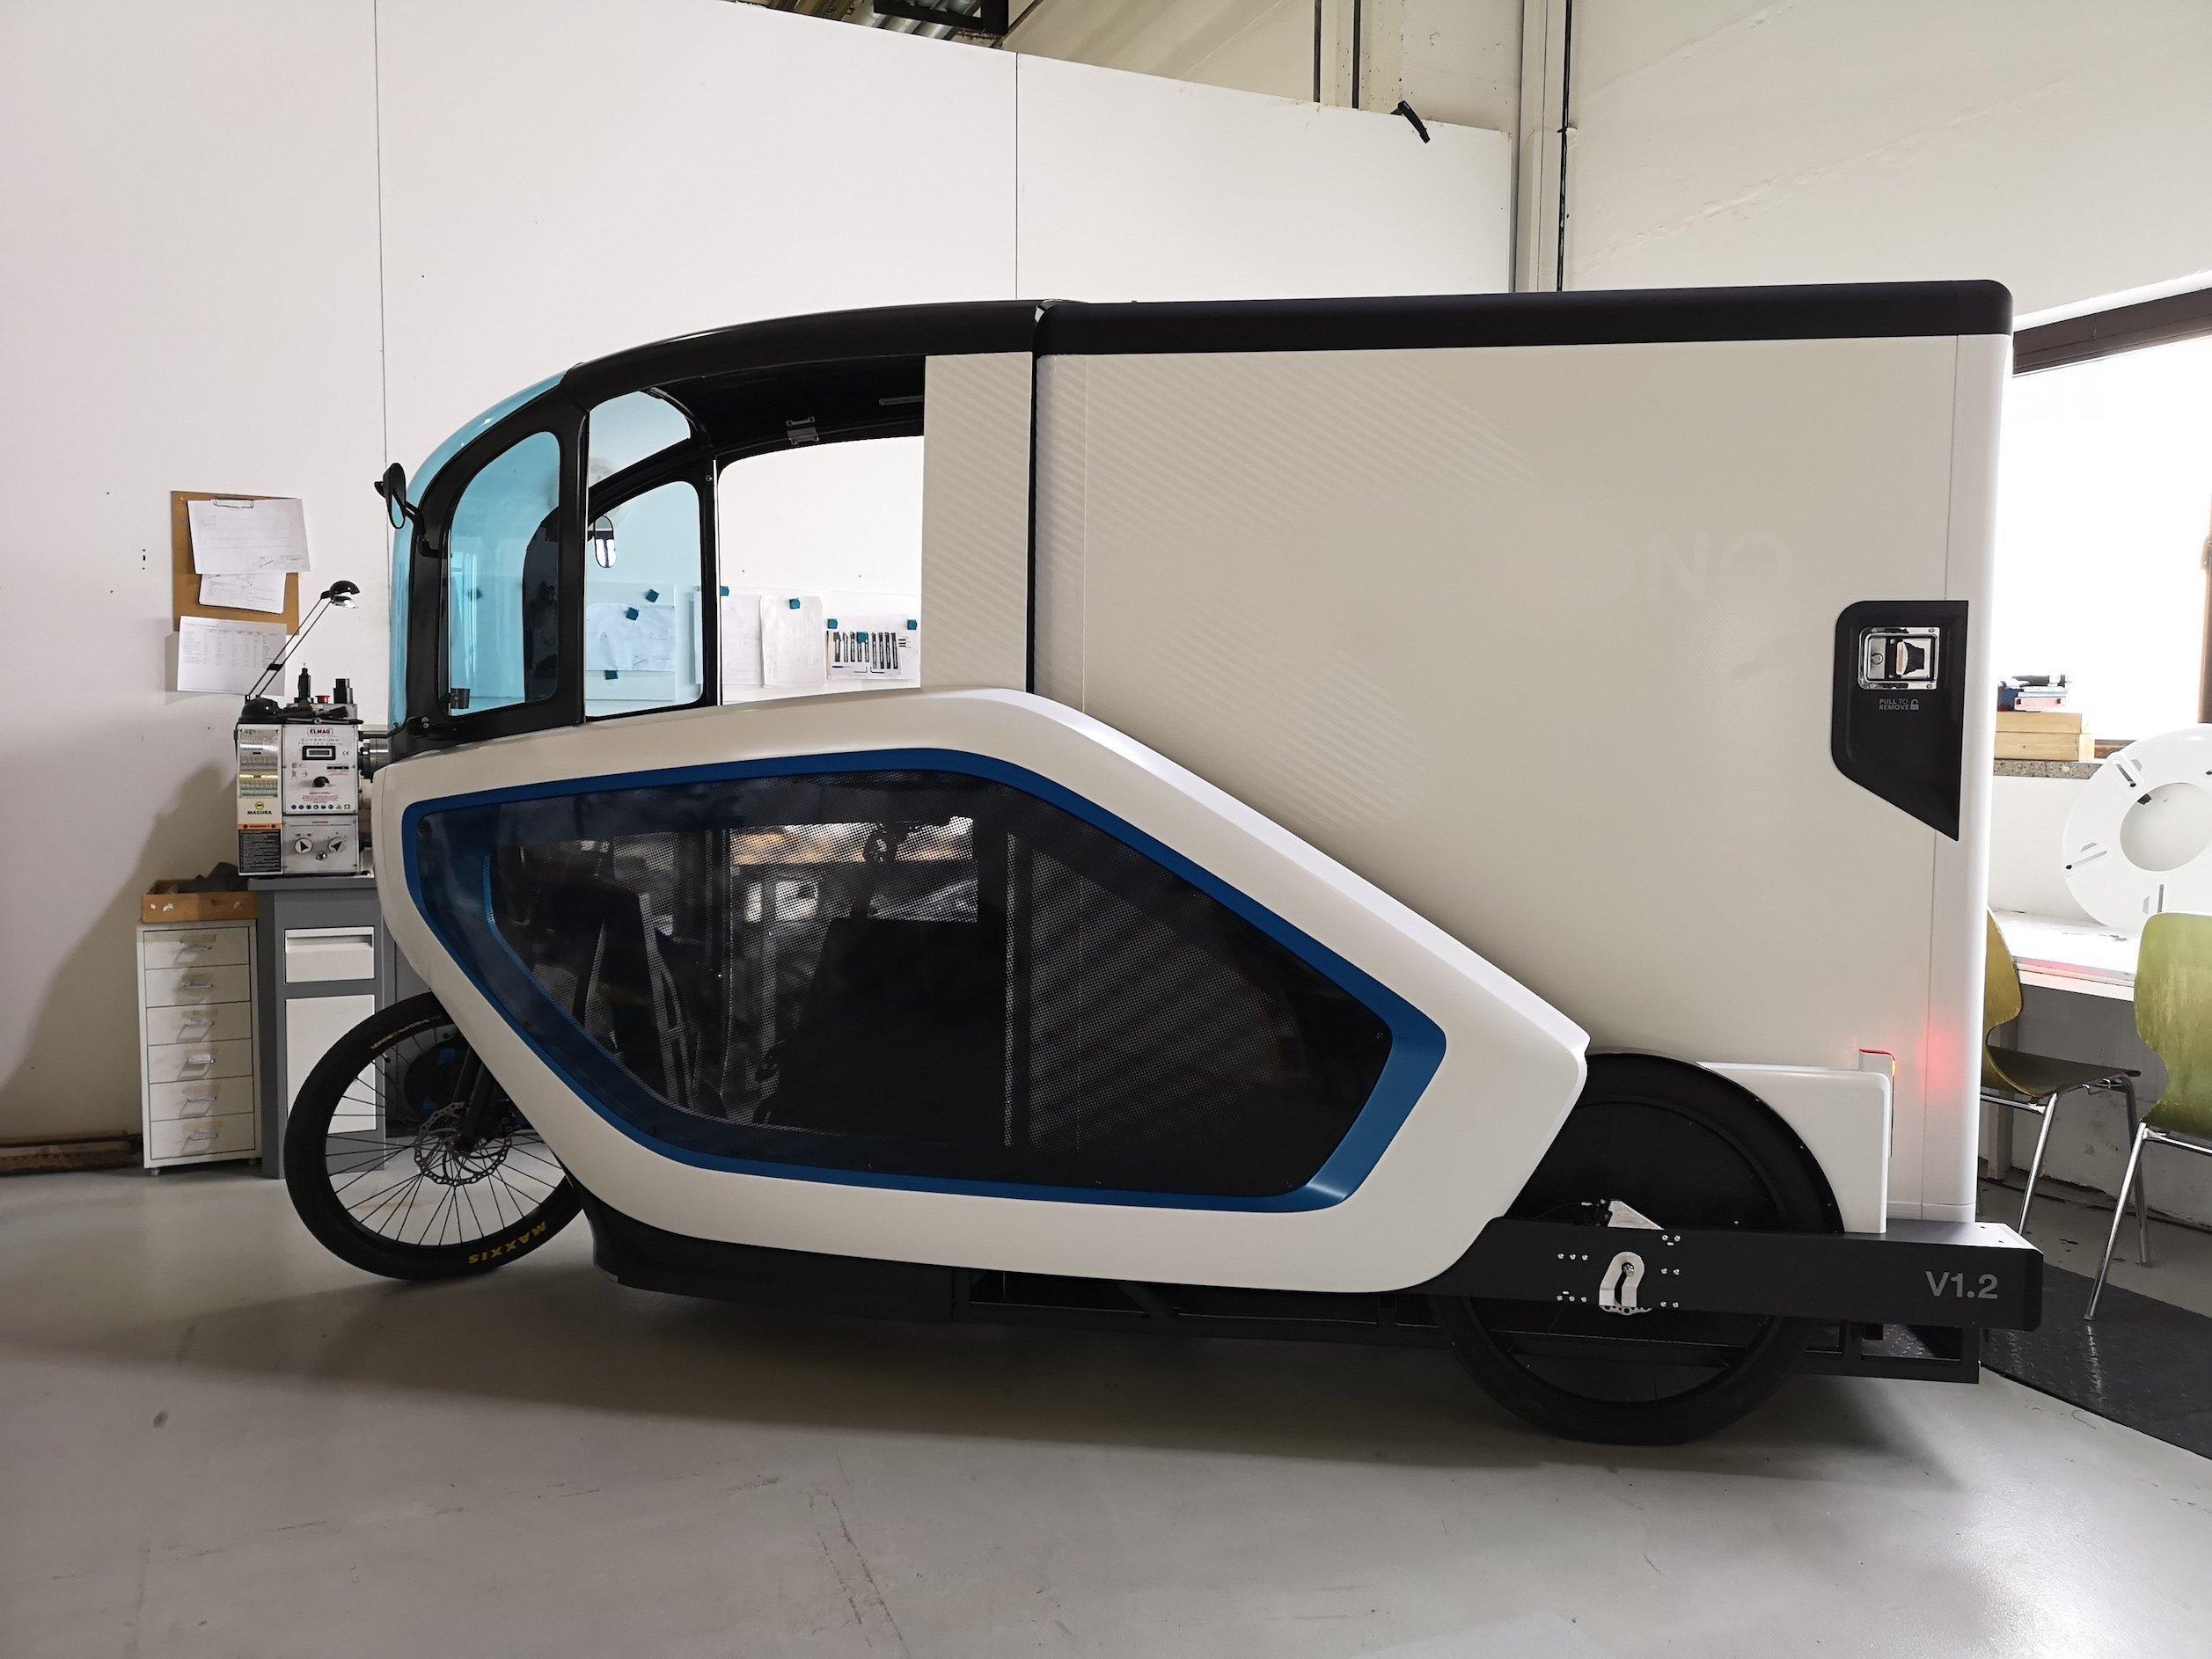 Das Lastenrad steht in der hellen Werkstatt, die gleichzeitig als Büro dient. Die Silhouette der Ono erinnert an einen kleinen Transporter, wirkt aber deutlich futuristischer. Das liegt an der aufgesetzten, flügelförmigen Seitenverkleidung, die sich vom Vorderrrad bis zum Hinterrad zieht.